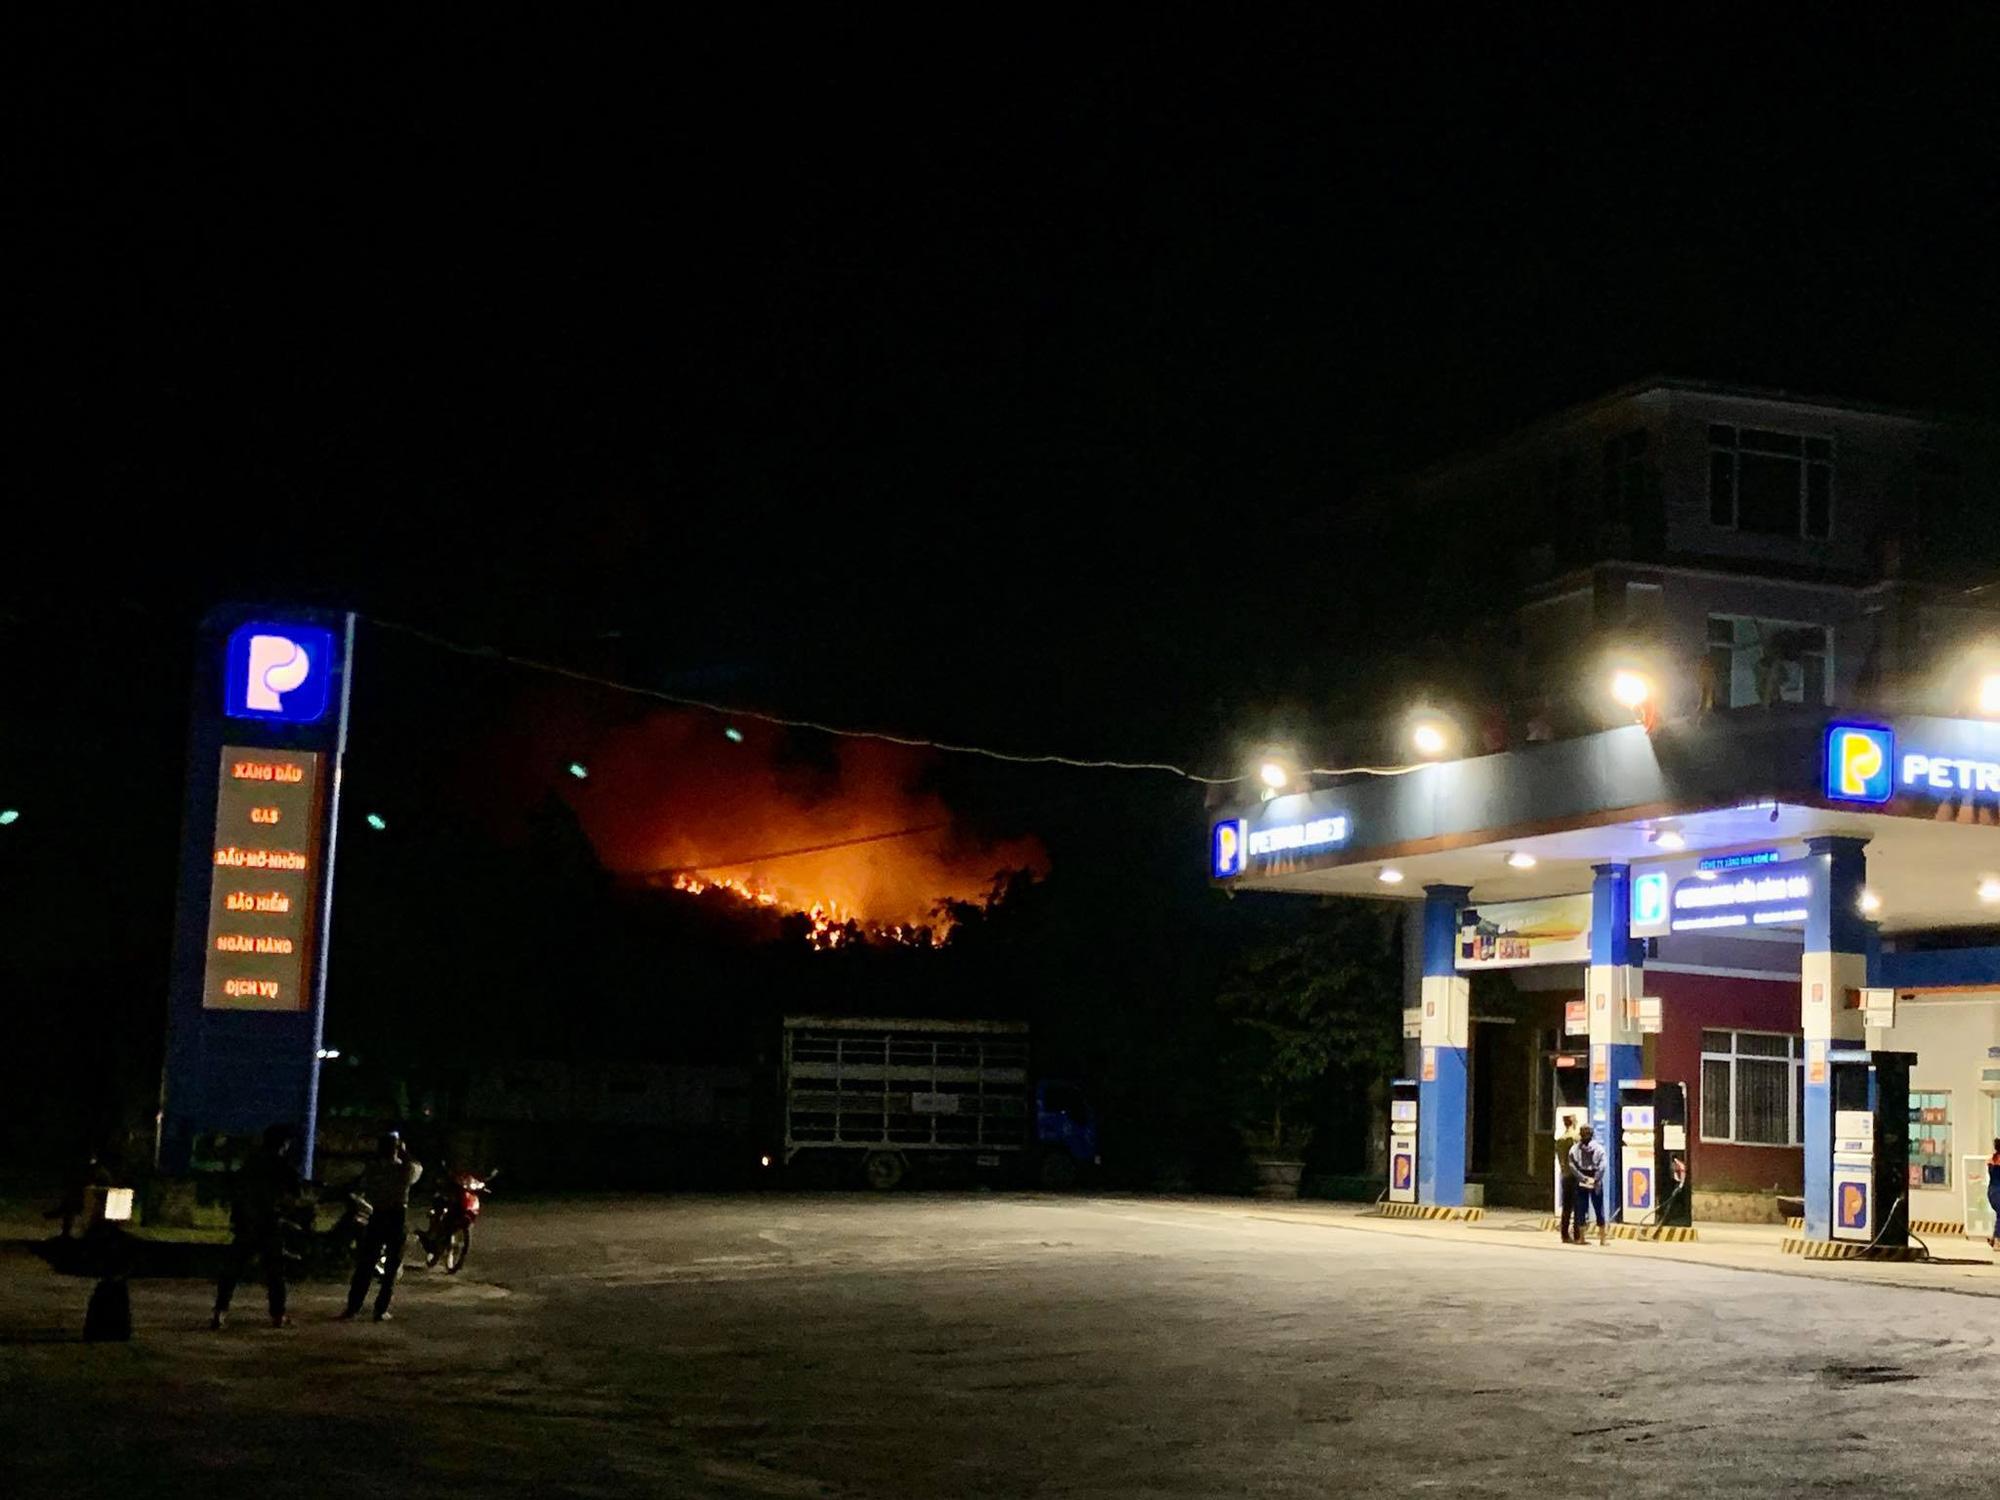 Rừng ở Hà Tĩnh, Nghệ An đang cháy đỏ trời trong đêm - Ảnh 5.